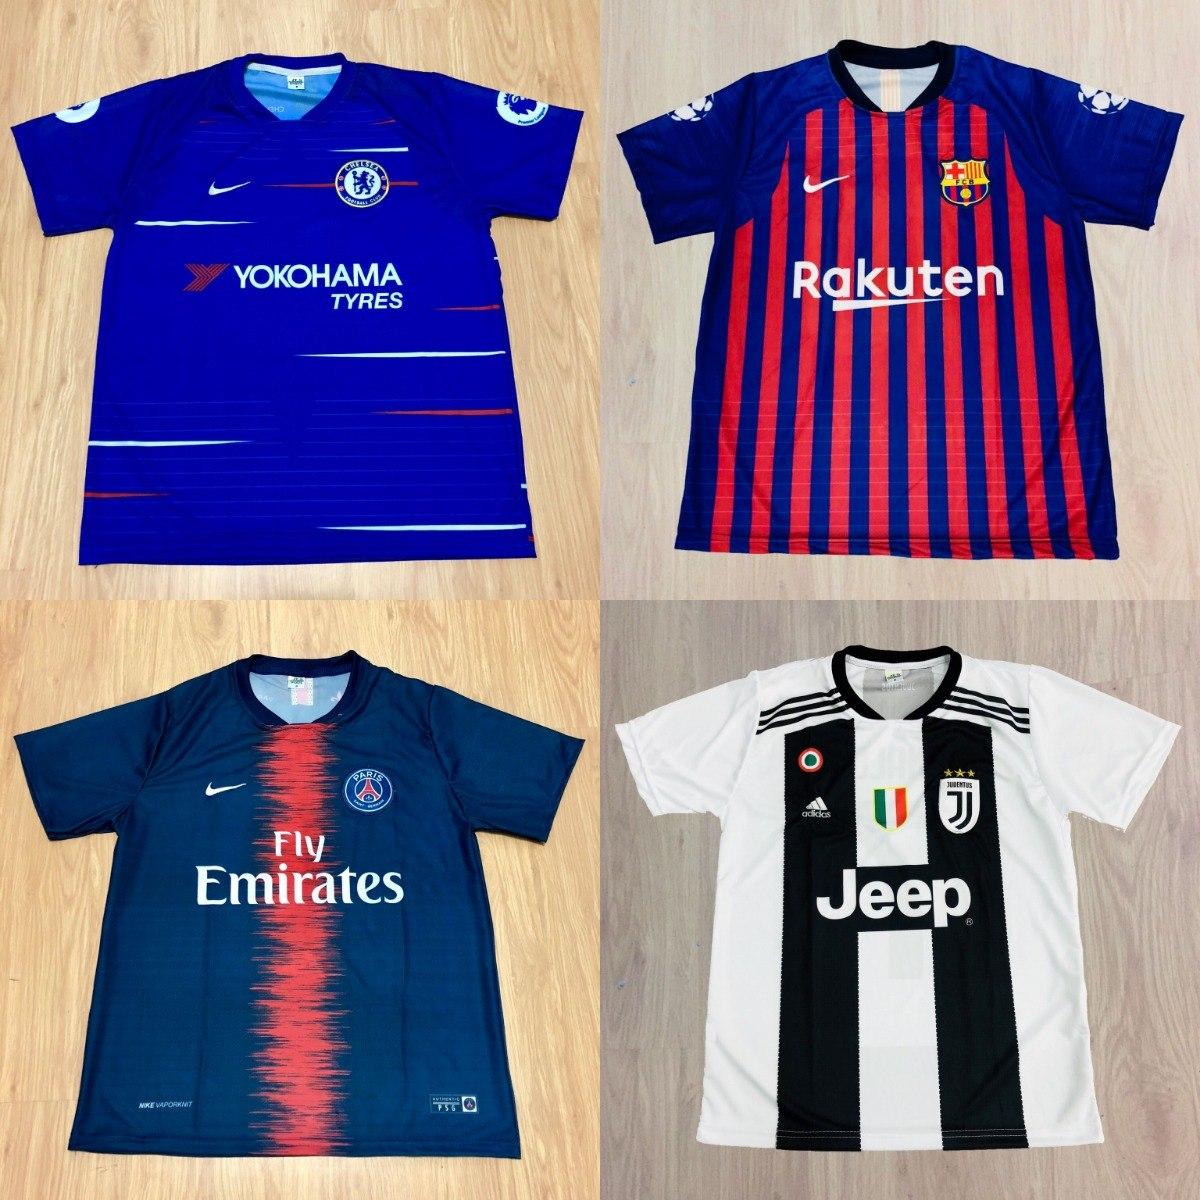 Kit 10 Camisas Futebol 100 Modelos Diferentes 2018 Atacado - R  185 ... b066f5943e13a